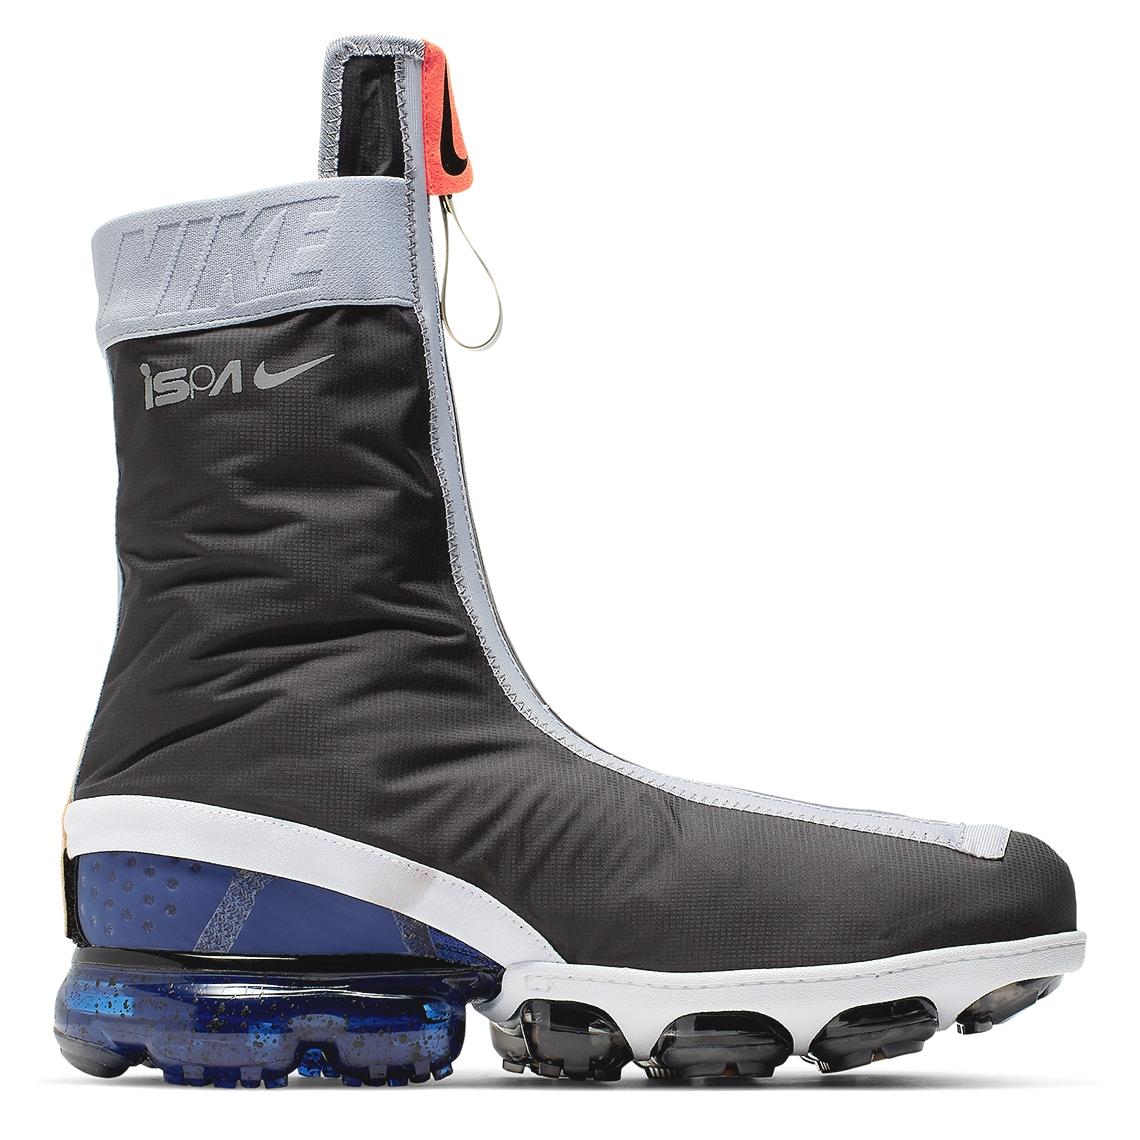 Nike Vapormax Flyknit Gator ISPA Black/Grey